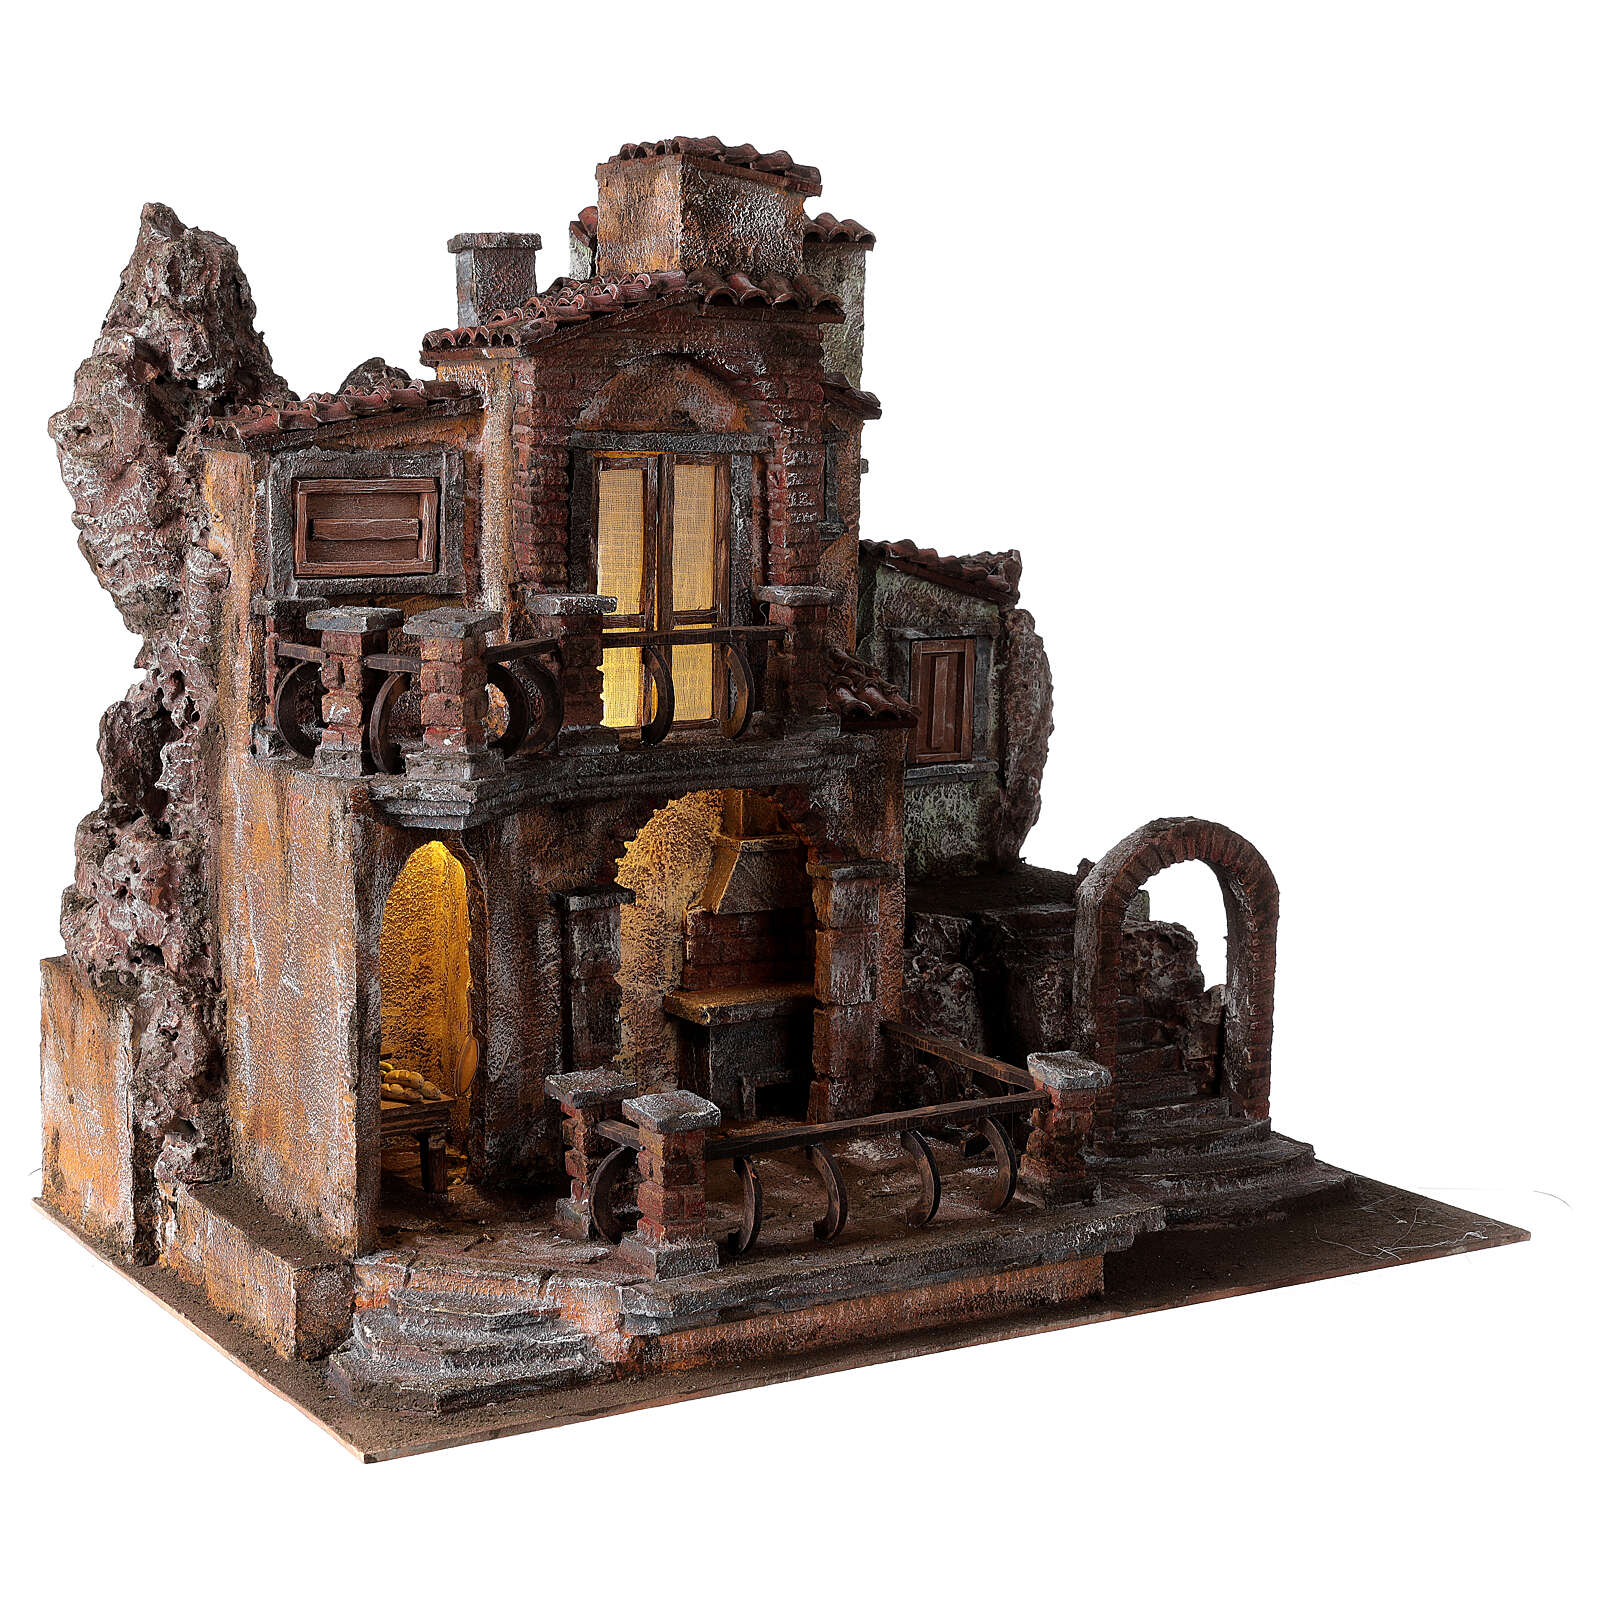 Borgo presepe tradizionale con luce 50x60x40 cm per statue 12 cm 4